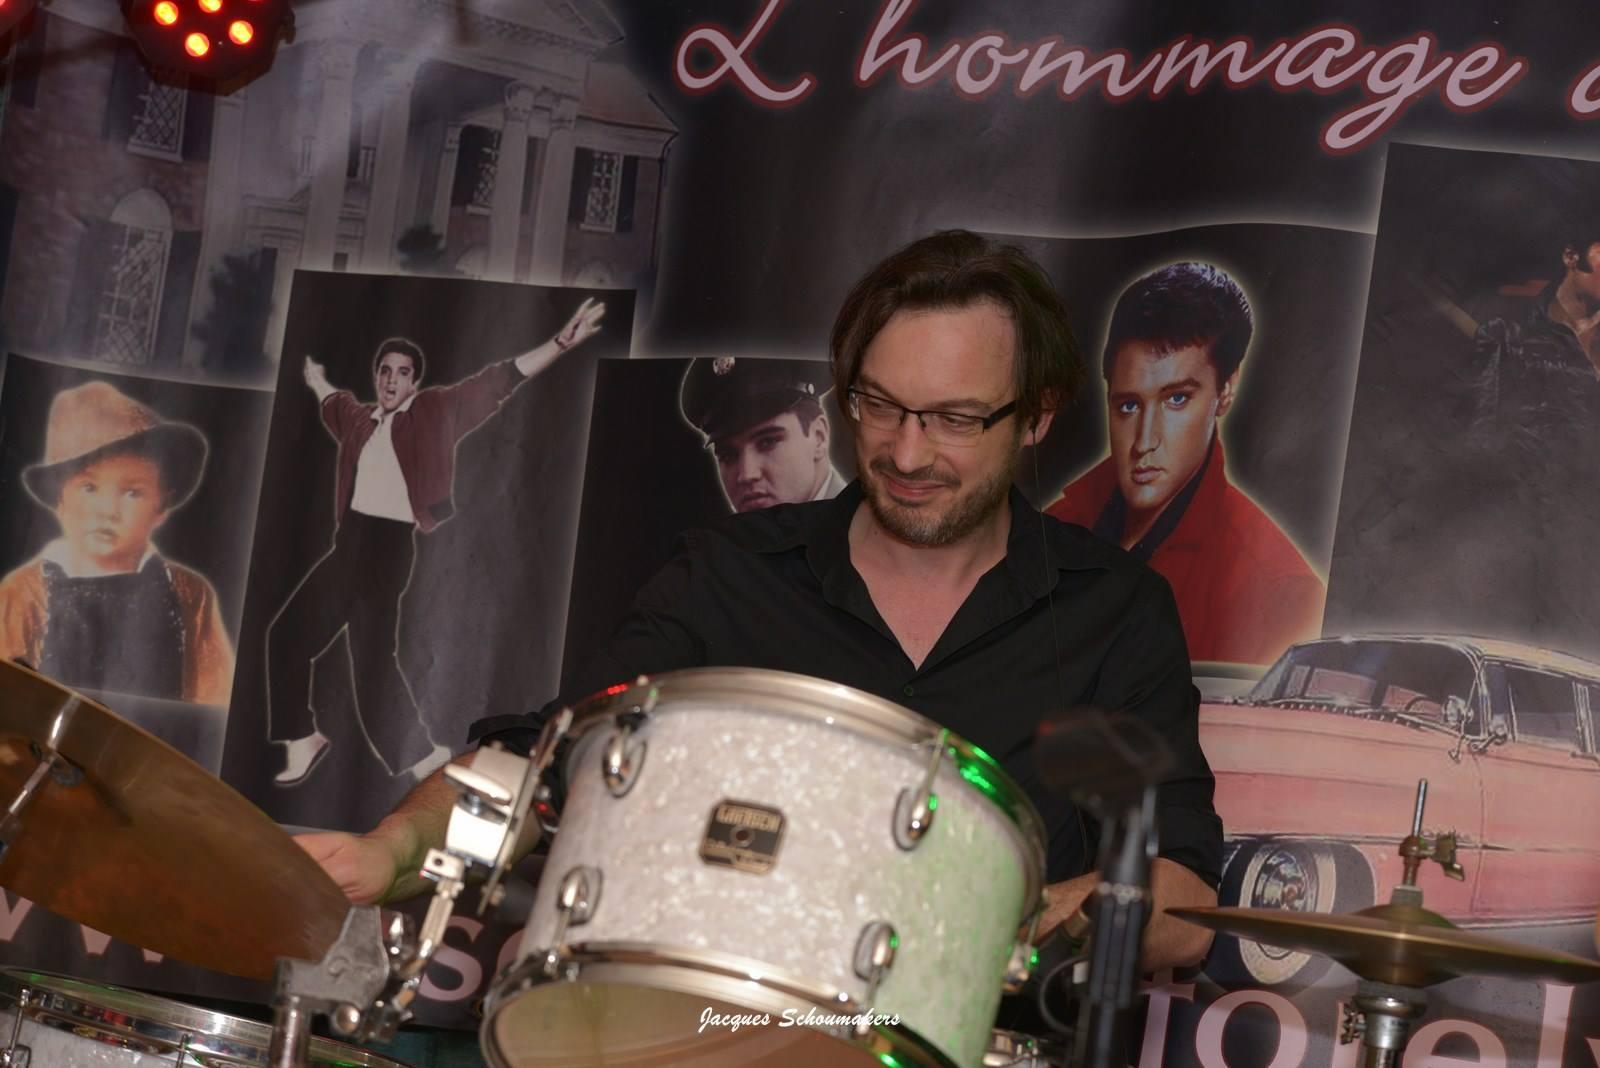 203-Sebastian-For-Elvis-Croisiere-americaine-pays-de-liege-facebook